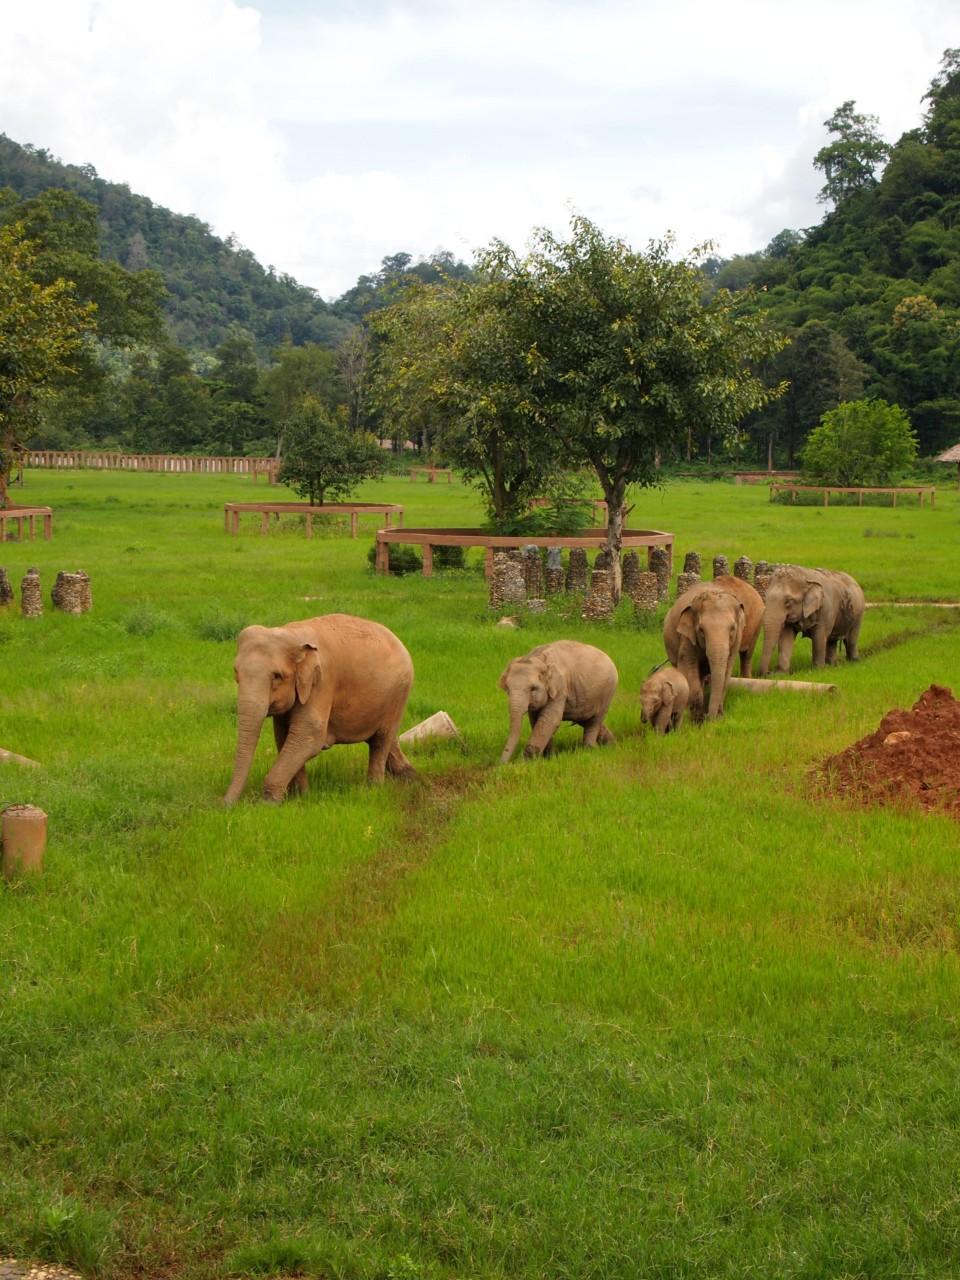 Die Elefanten haben ihre Trampelpfade. Erinnerte uns sehr an das Dschungelbuch.